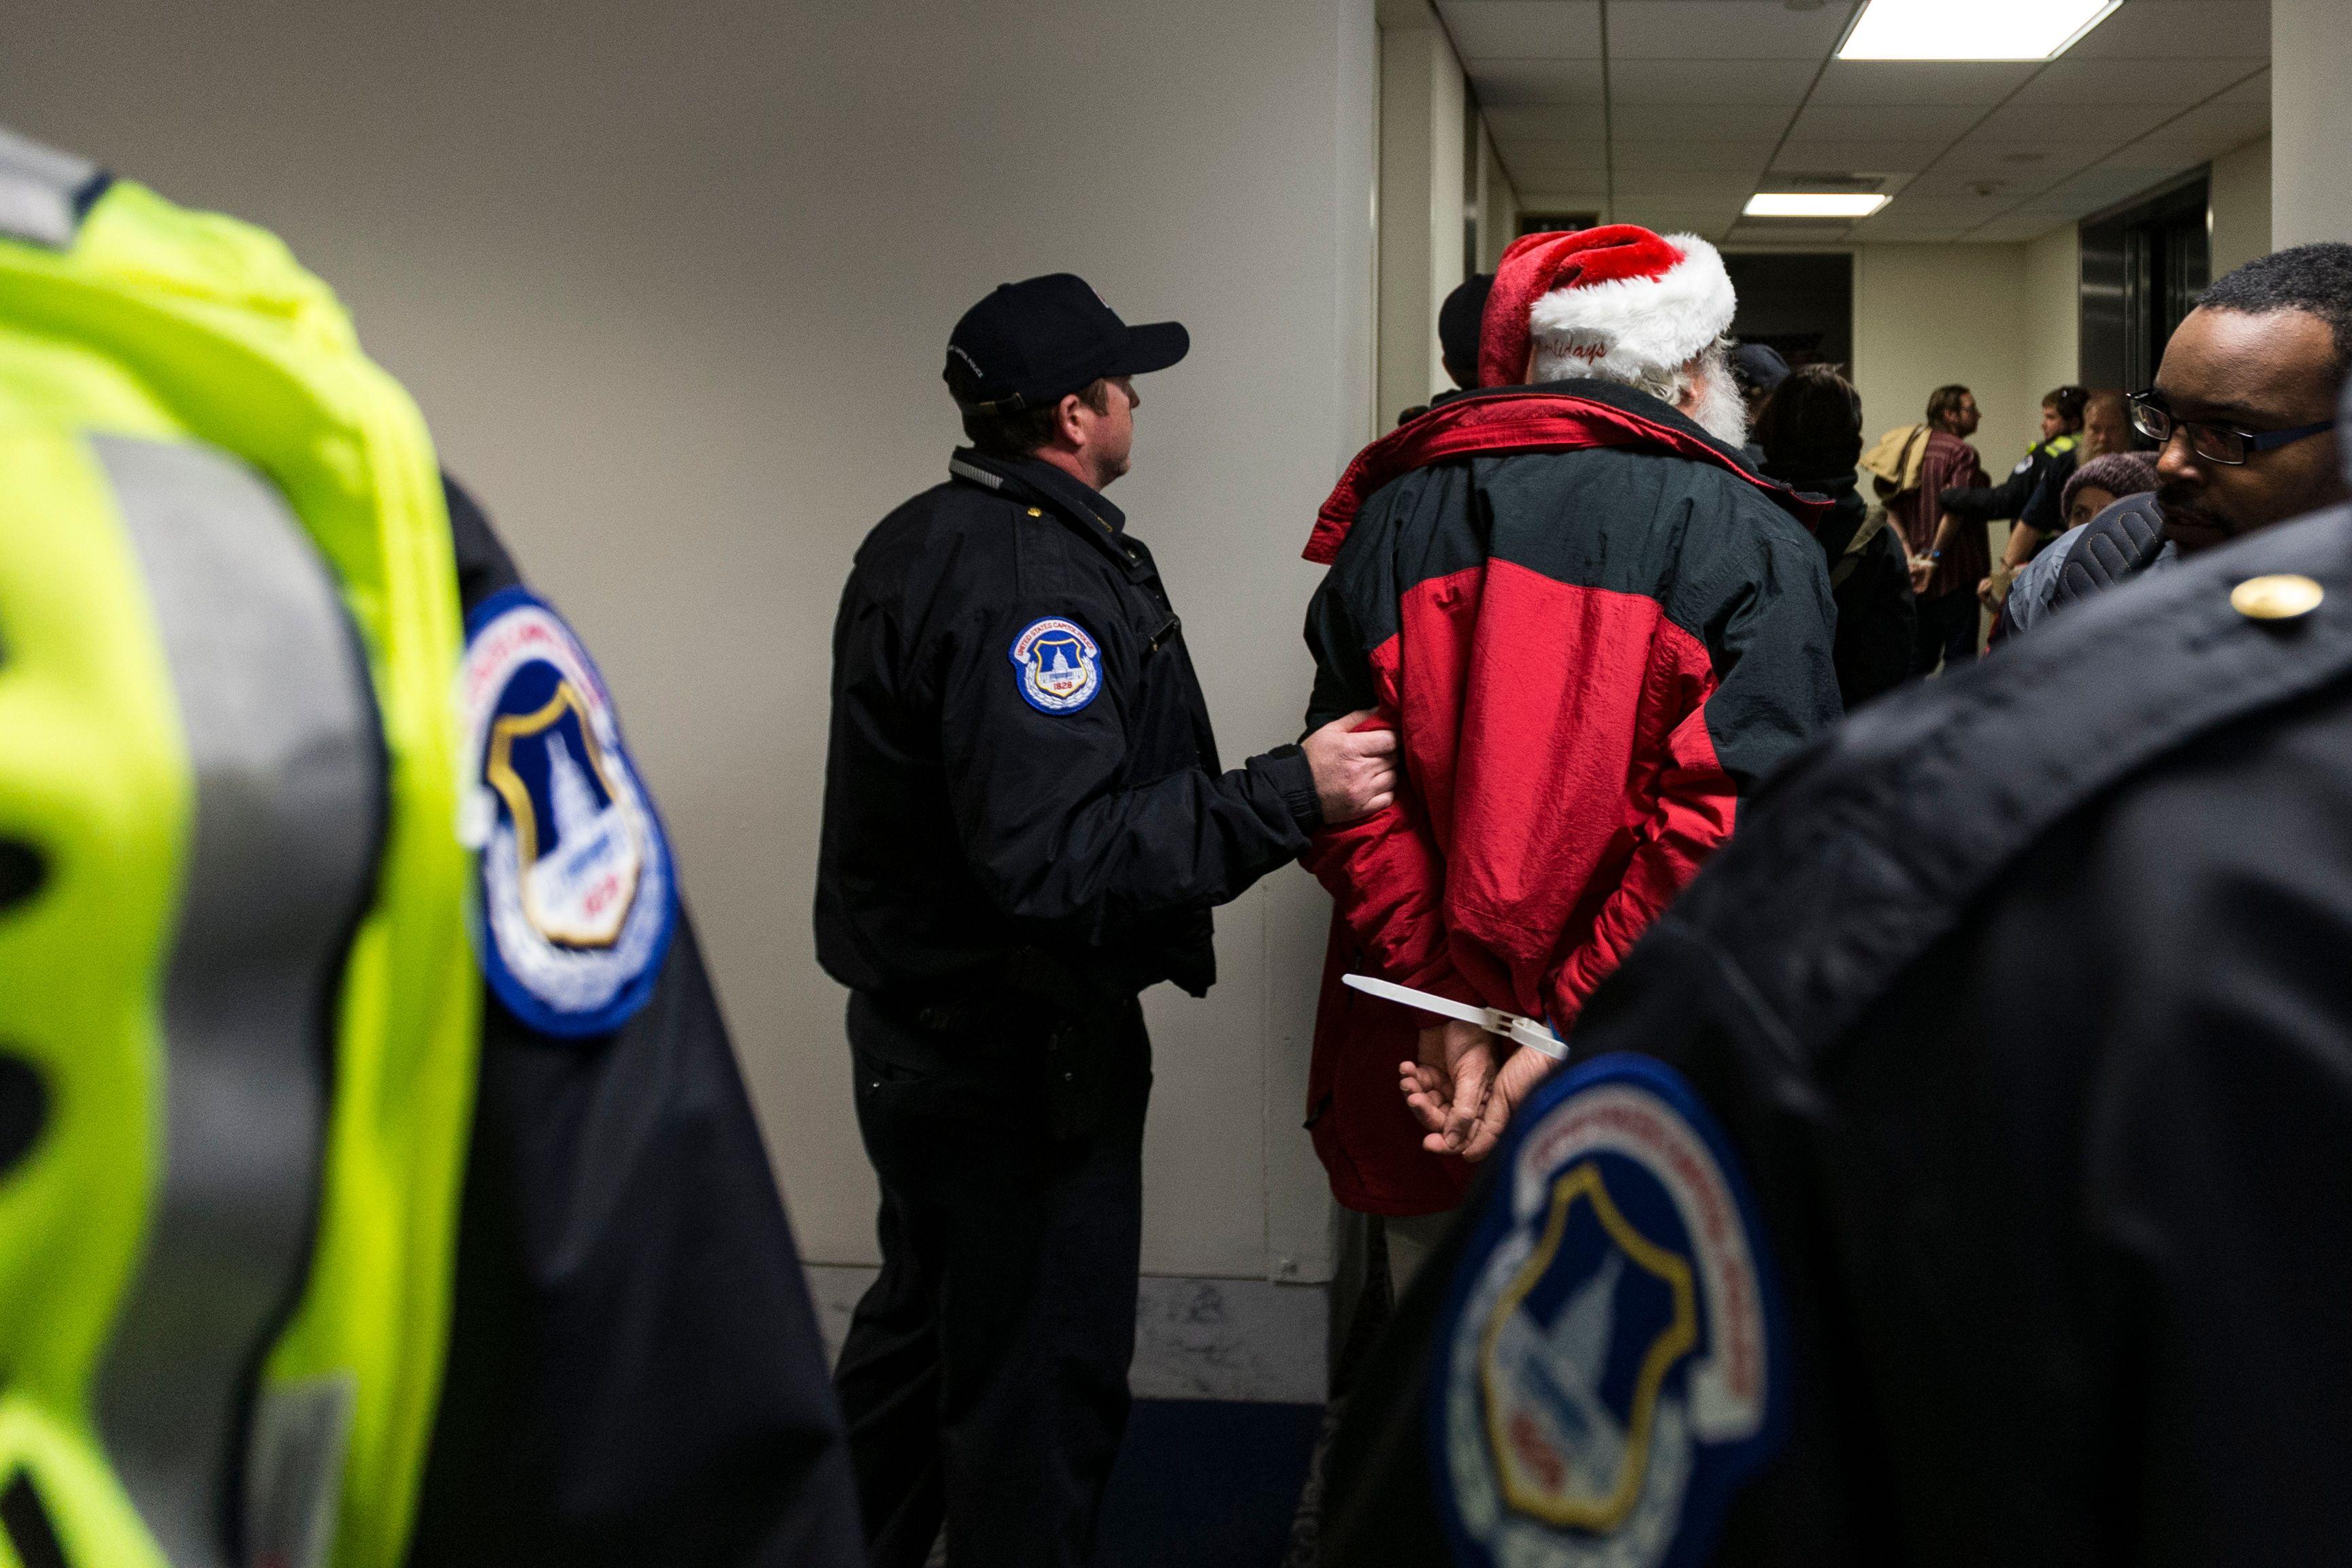 الشرطة الأمريكية تعتقل معتصمين معارضين لقانون الإصلاح الضريبى بالكونجرس